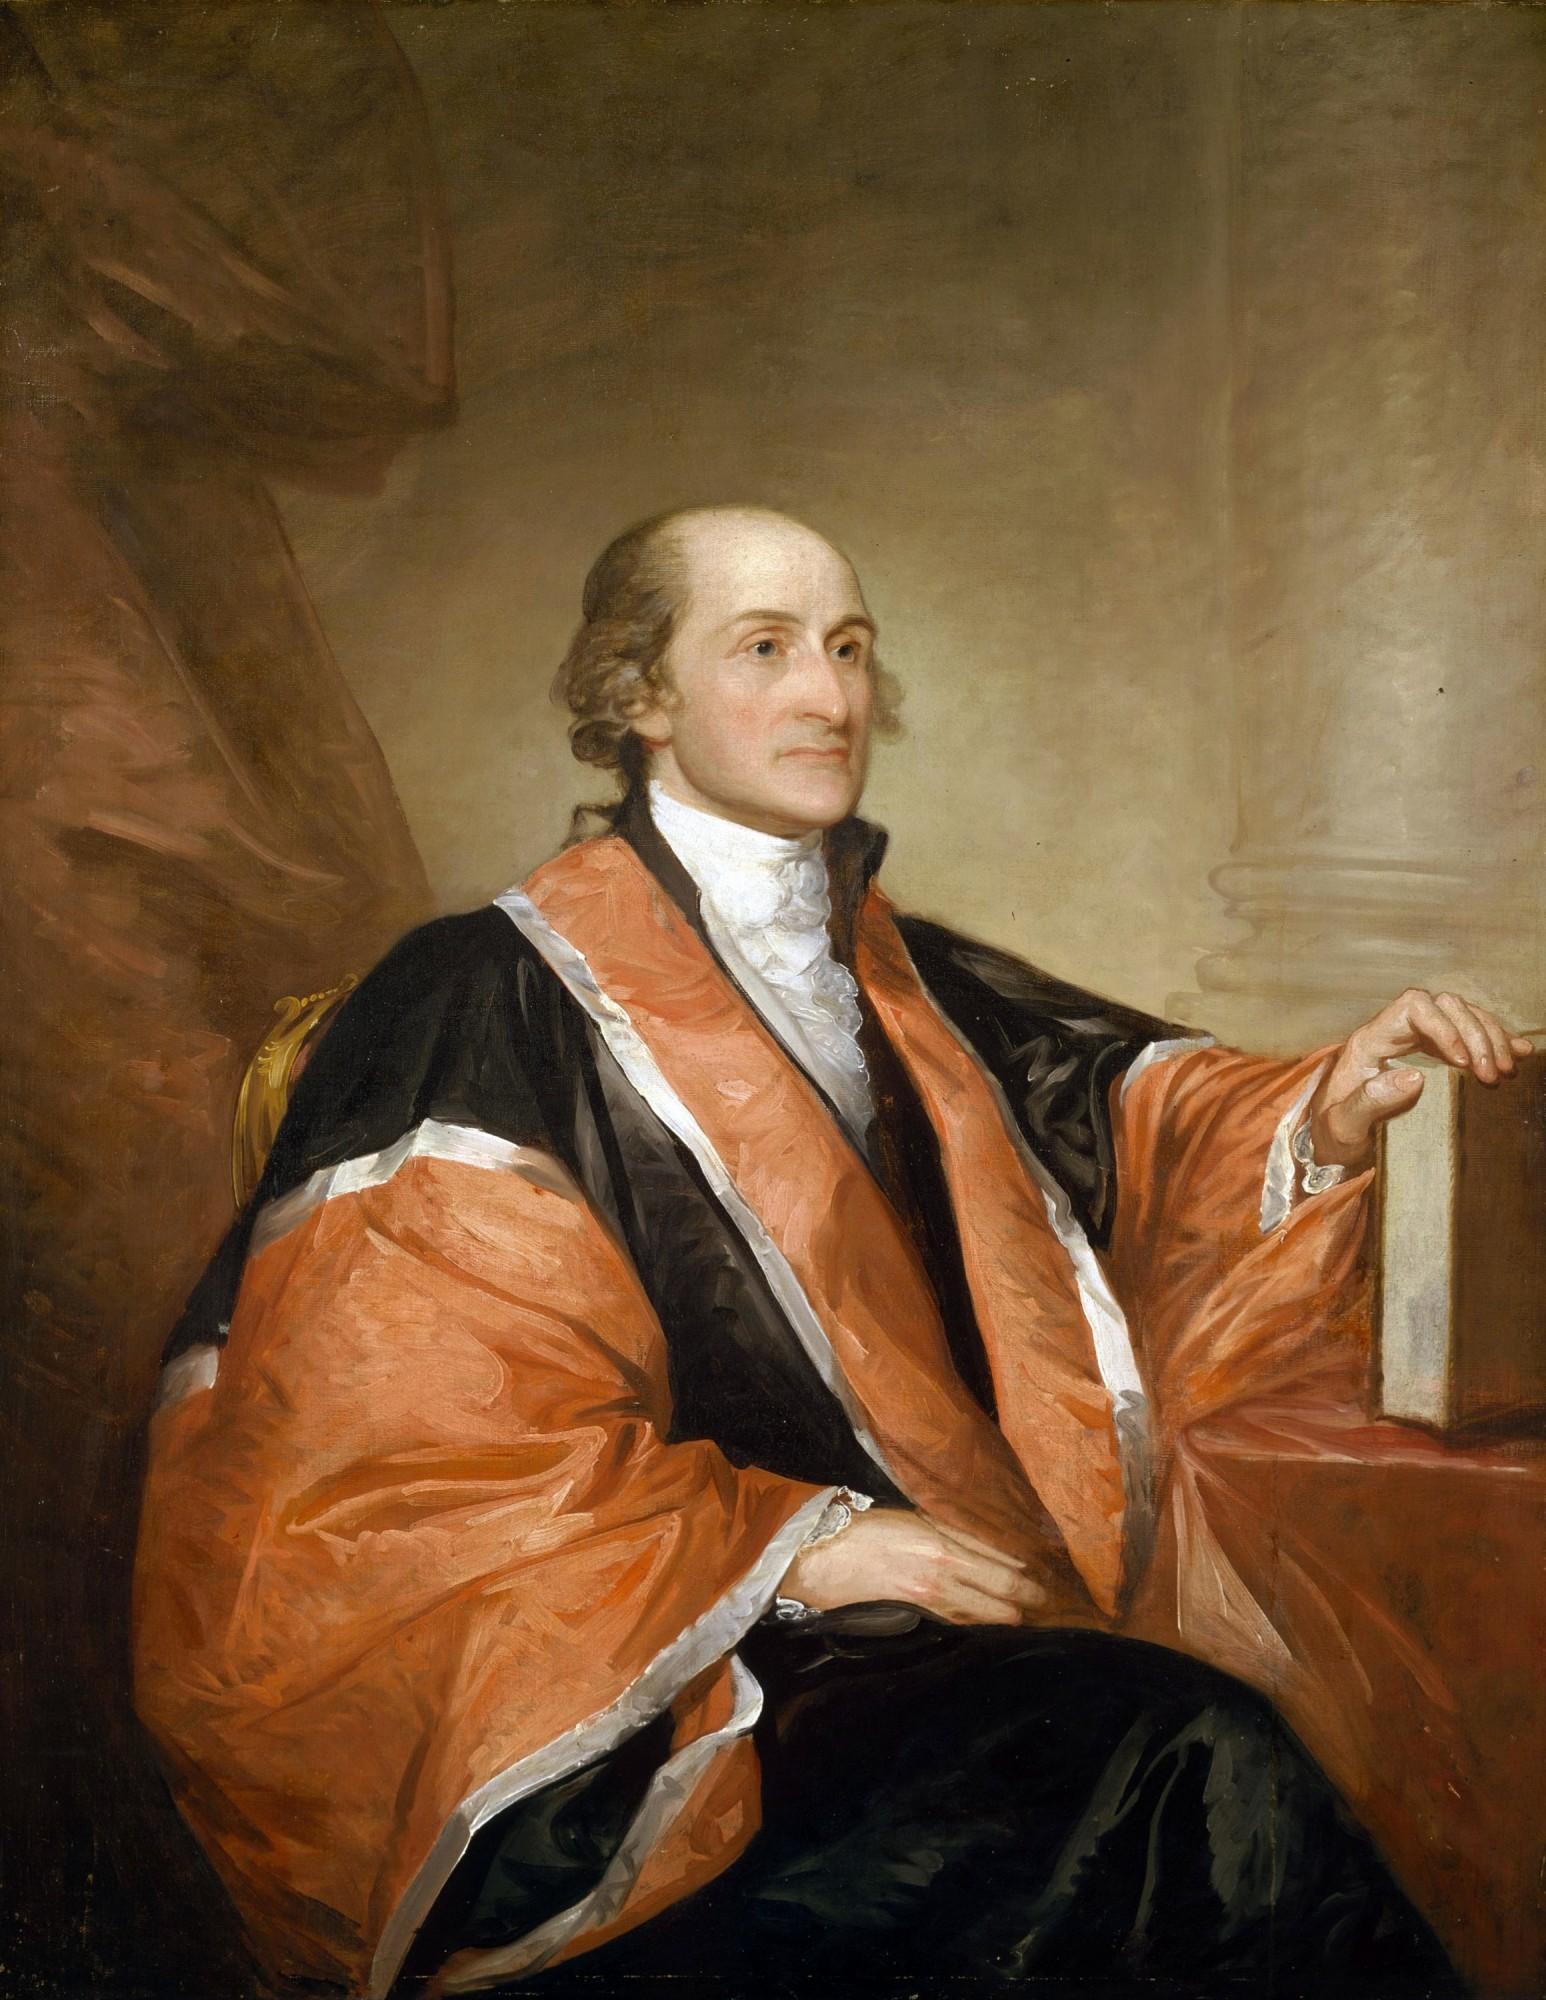 George Washington and the Supreme Court · George Washington's ...